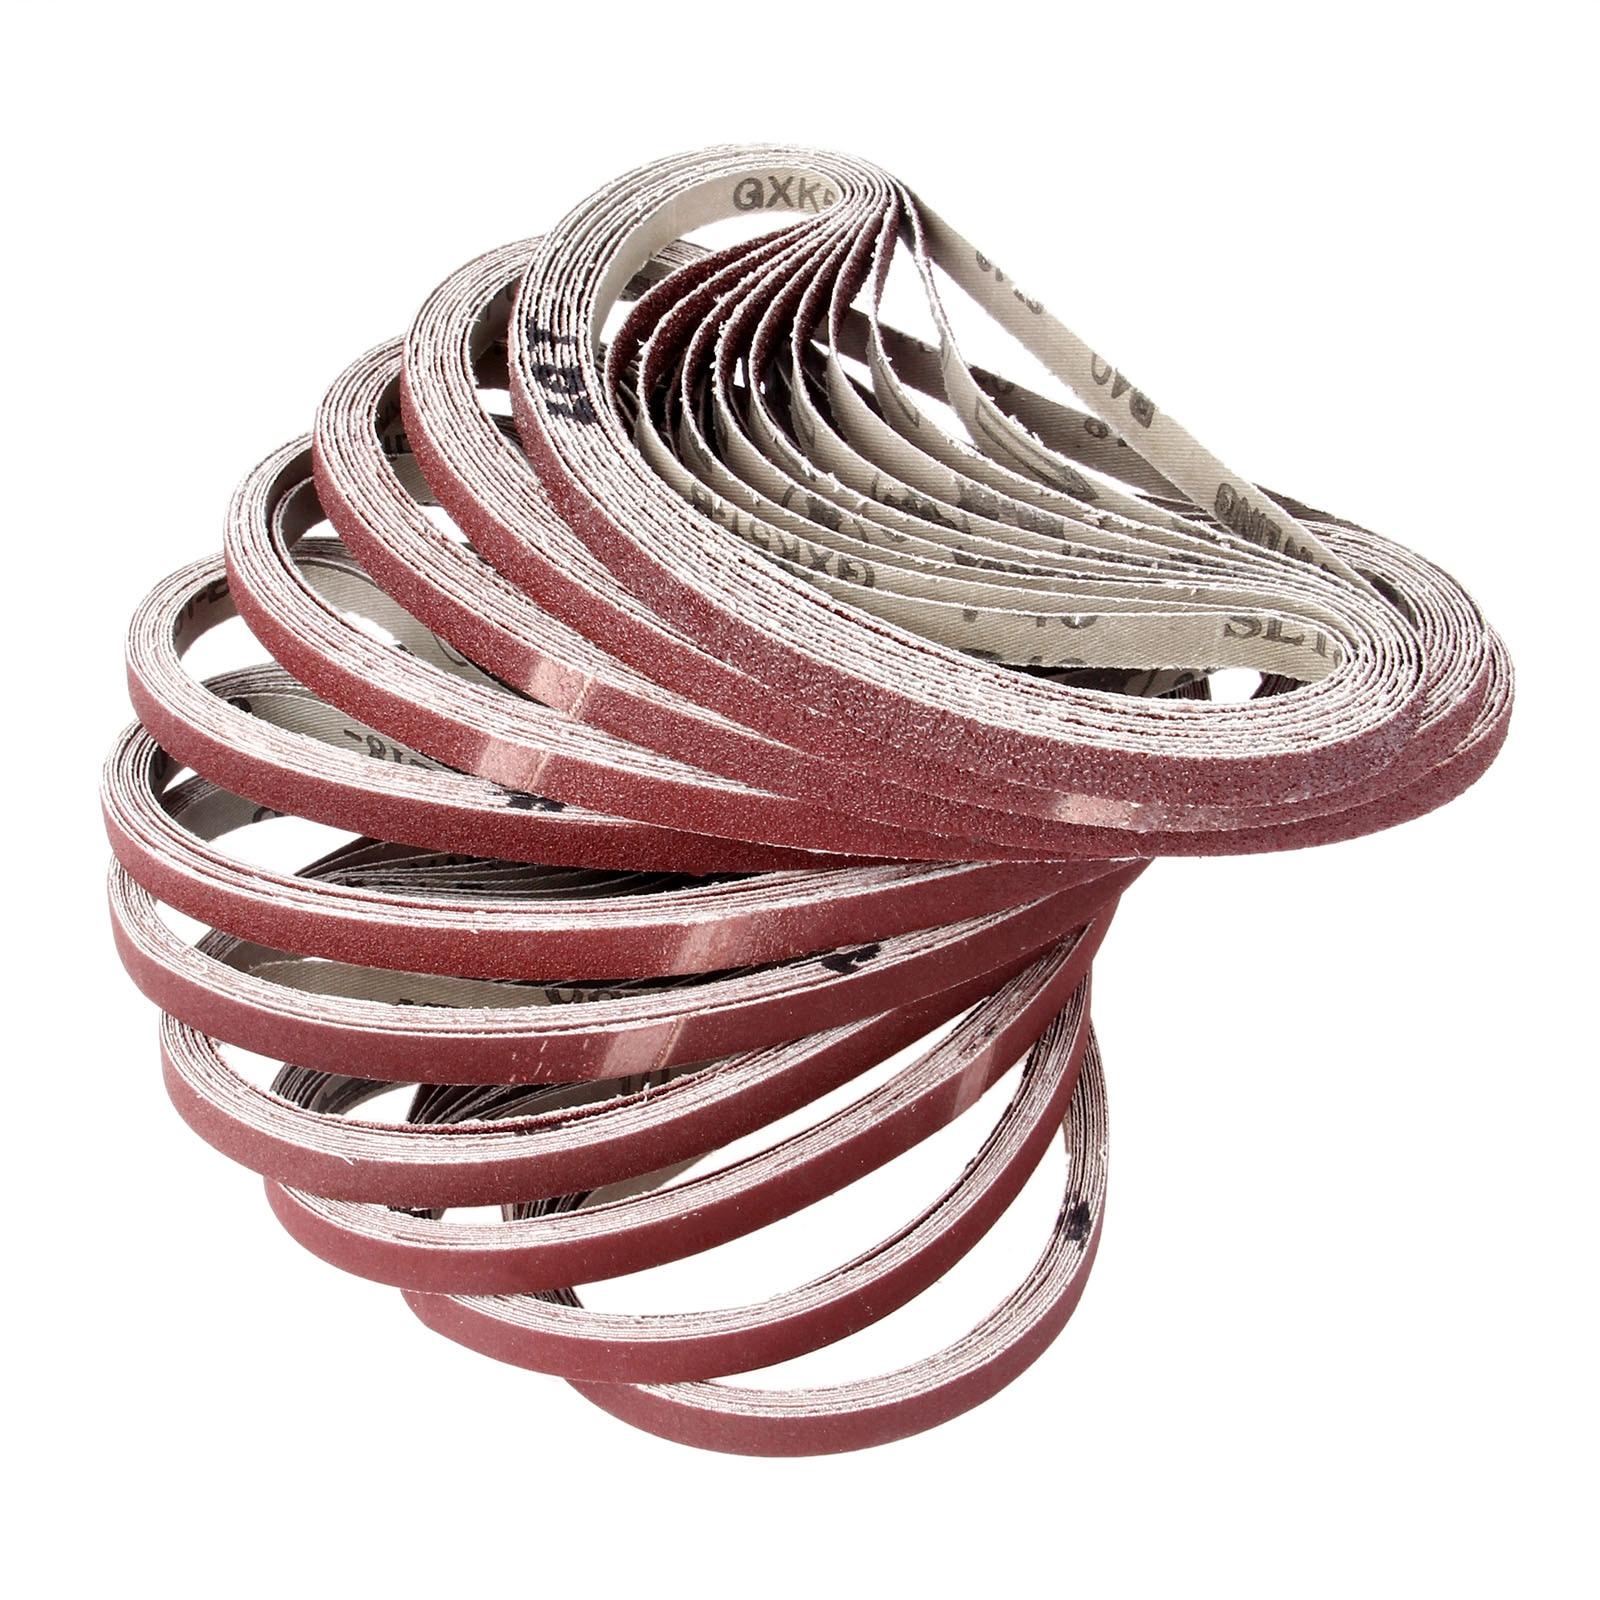 10Pcs Dremel Accessories  Abrasive Sanding Belt Grit 40-600 Sander Grinder Belt For Drill Grinding Polishing Tool 9*533mm